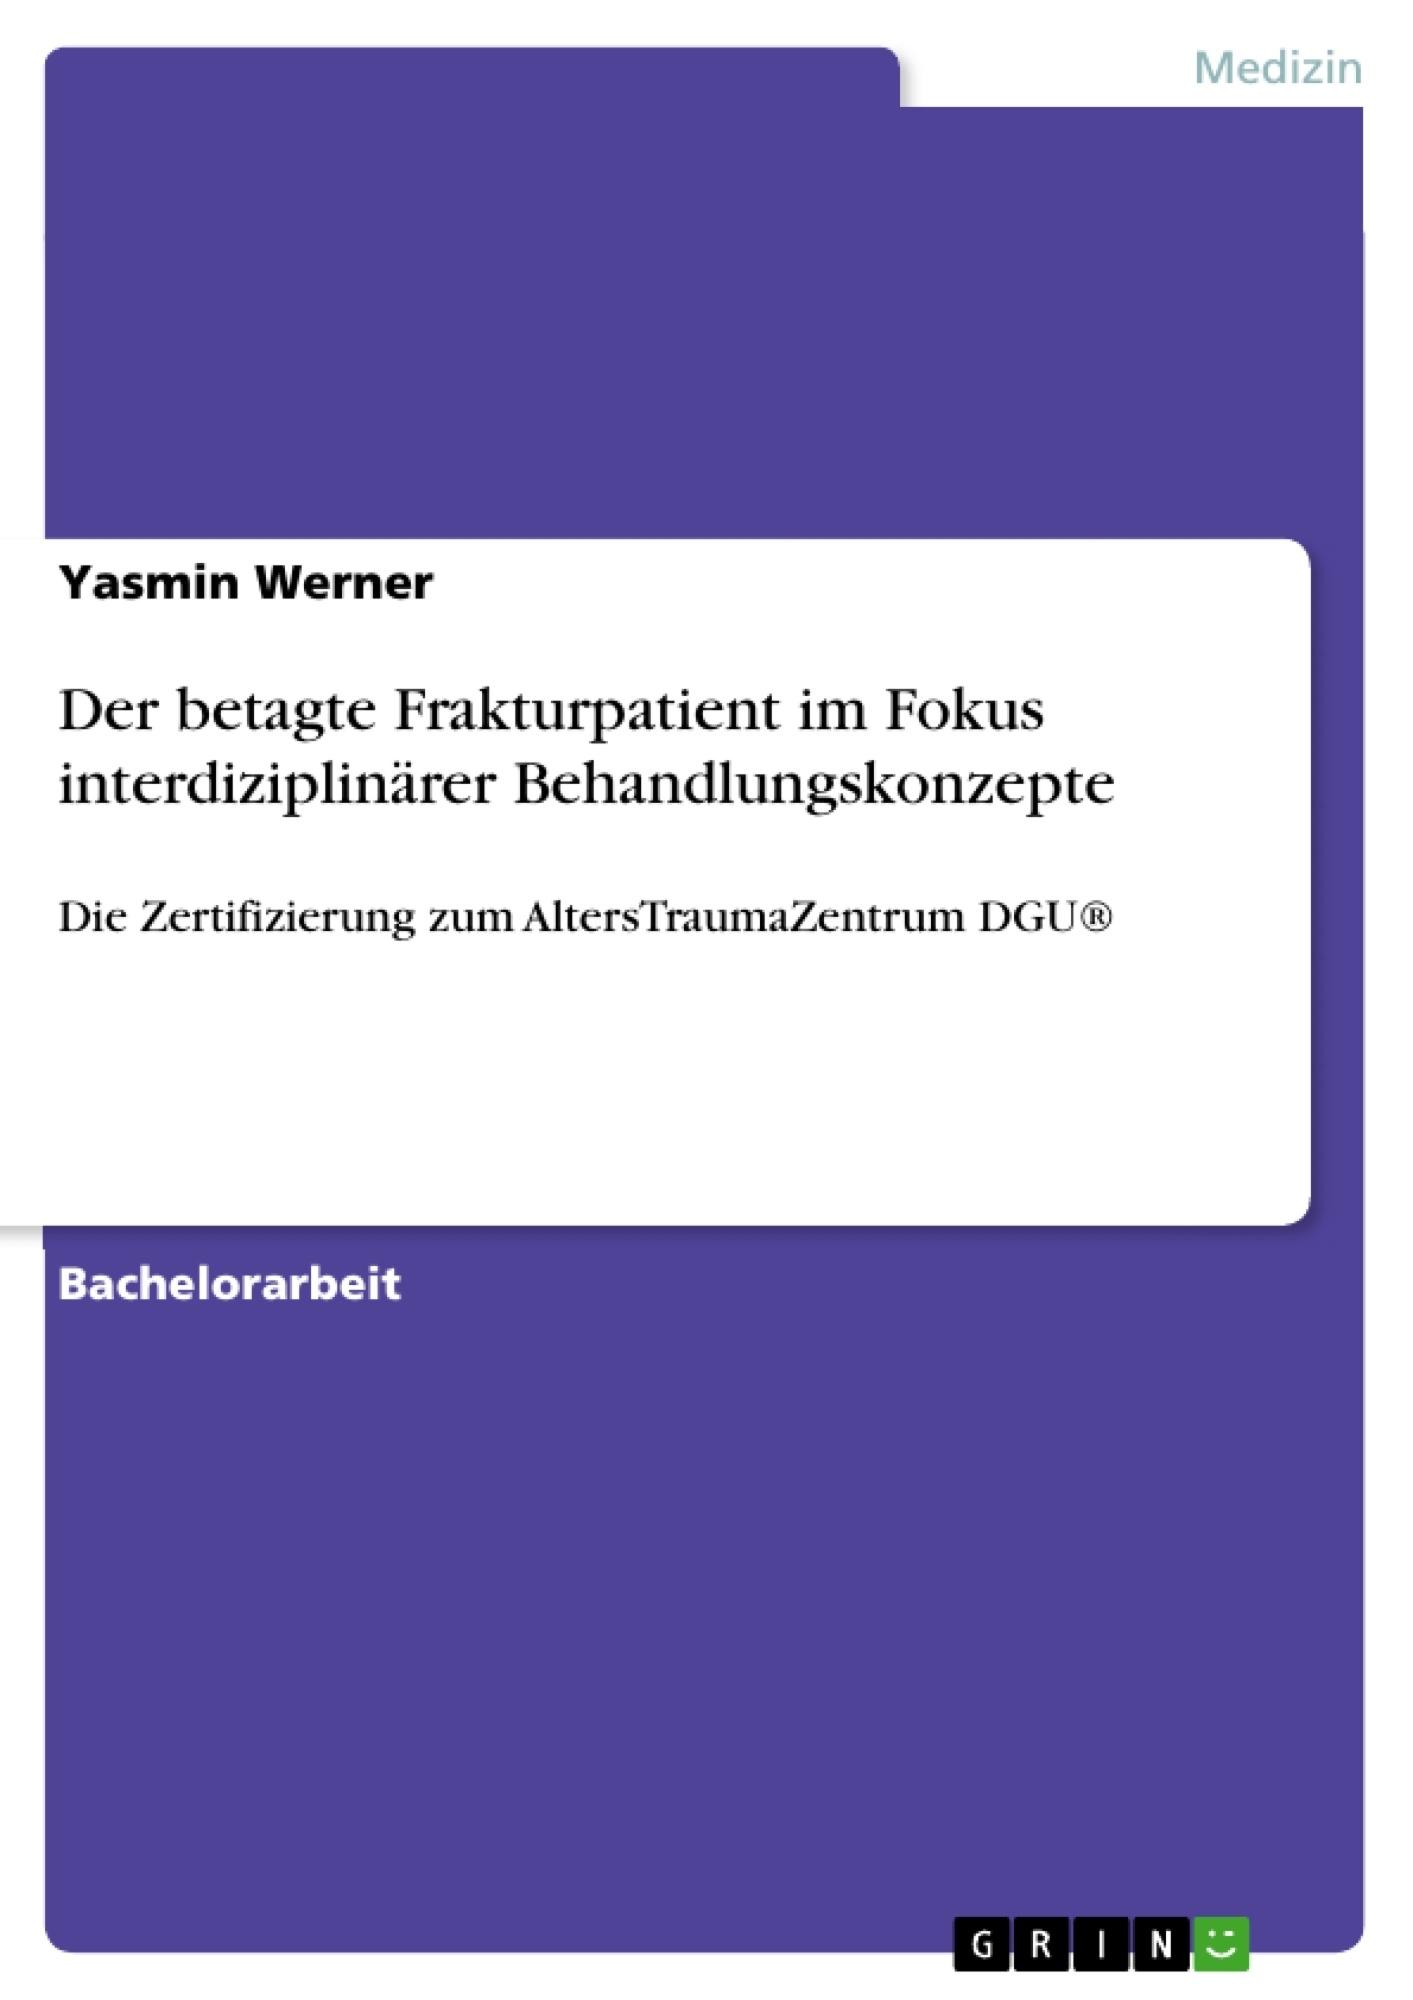 Titel: Der betagte Frakturpatient im Fokus interdiziplinärer Behandlungskonzepte